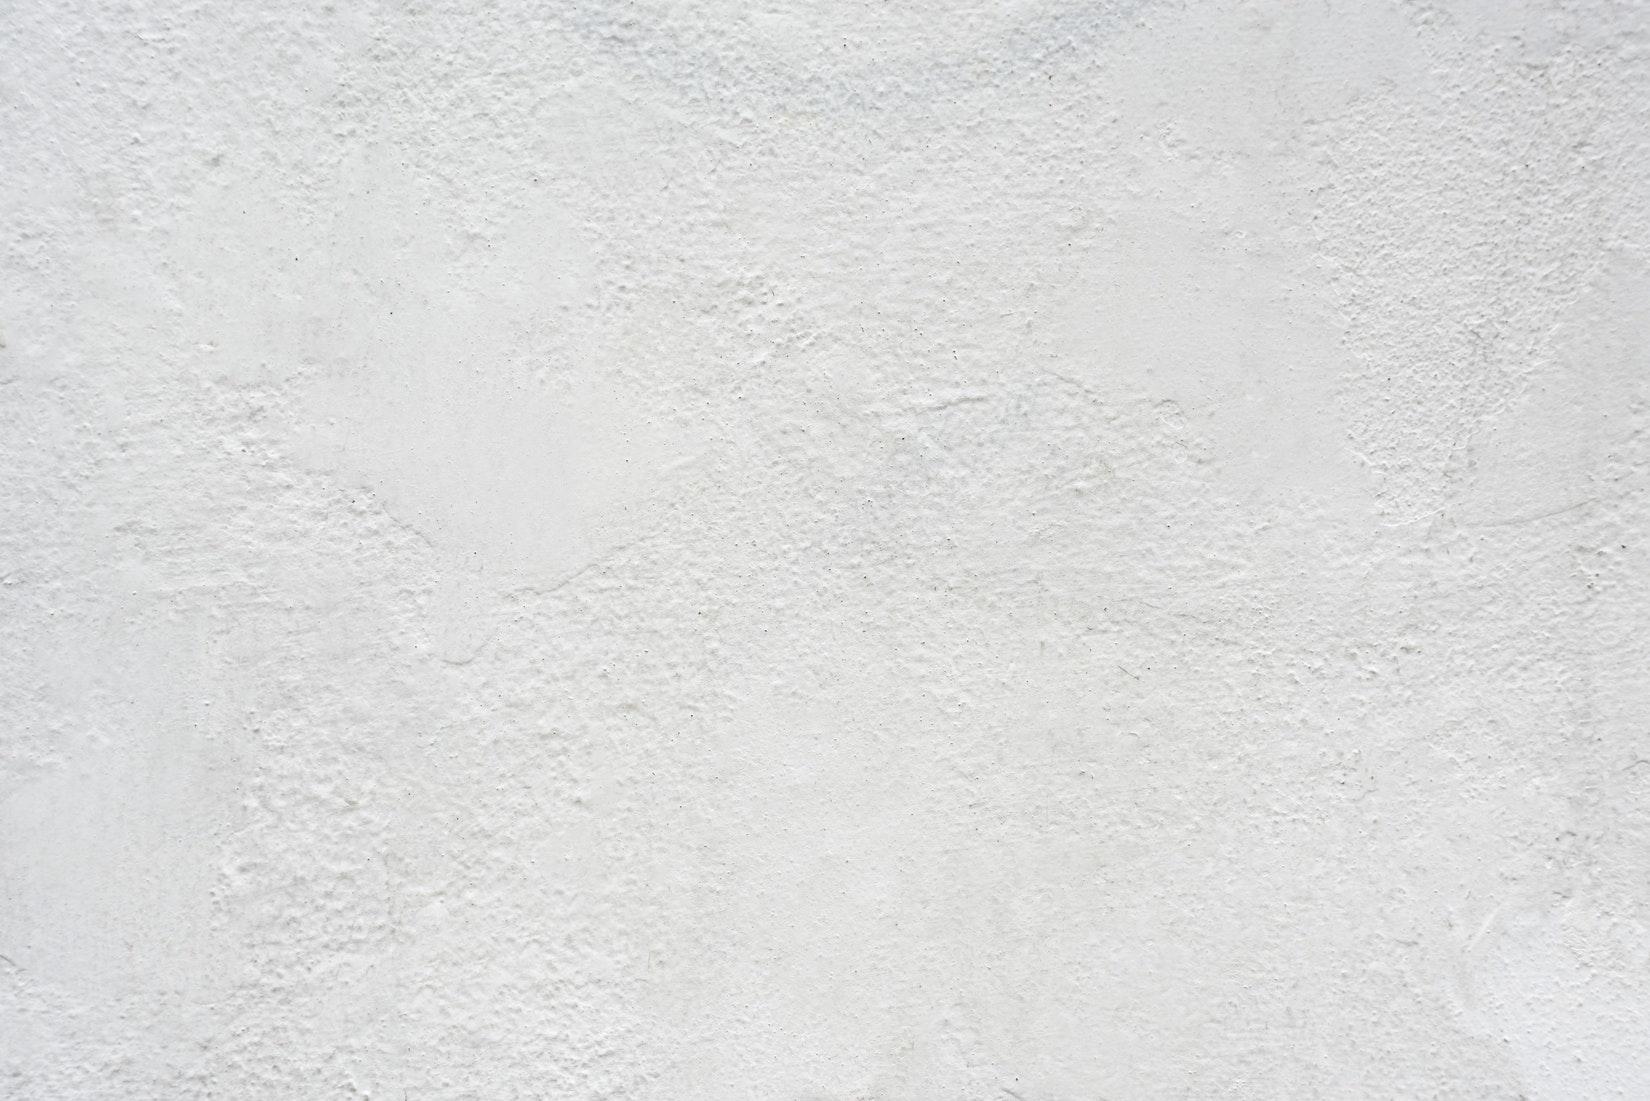 POINT④ 白いハンカチをレフ版にする